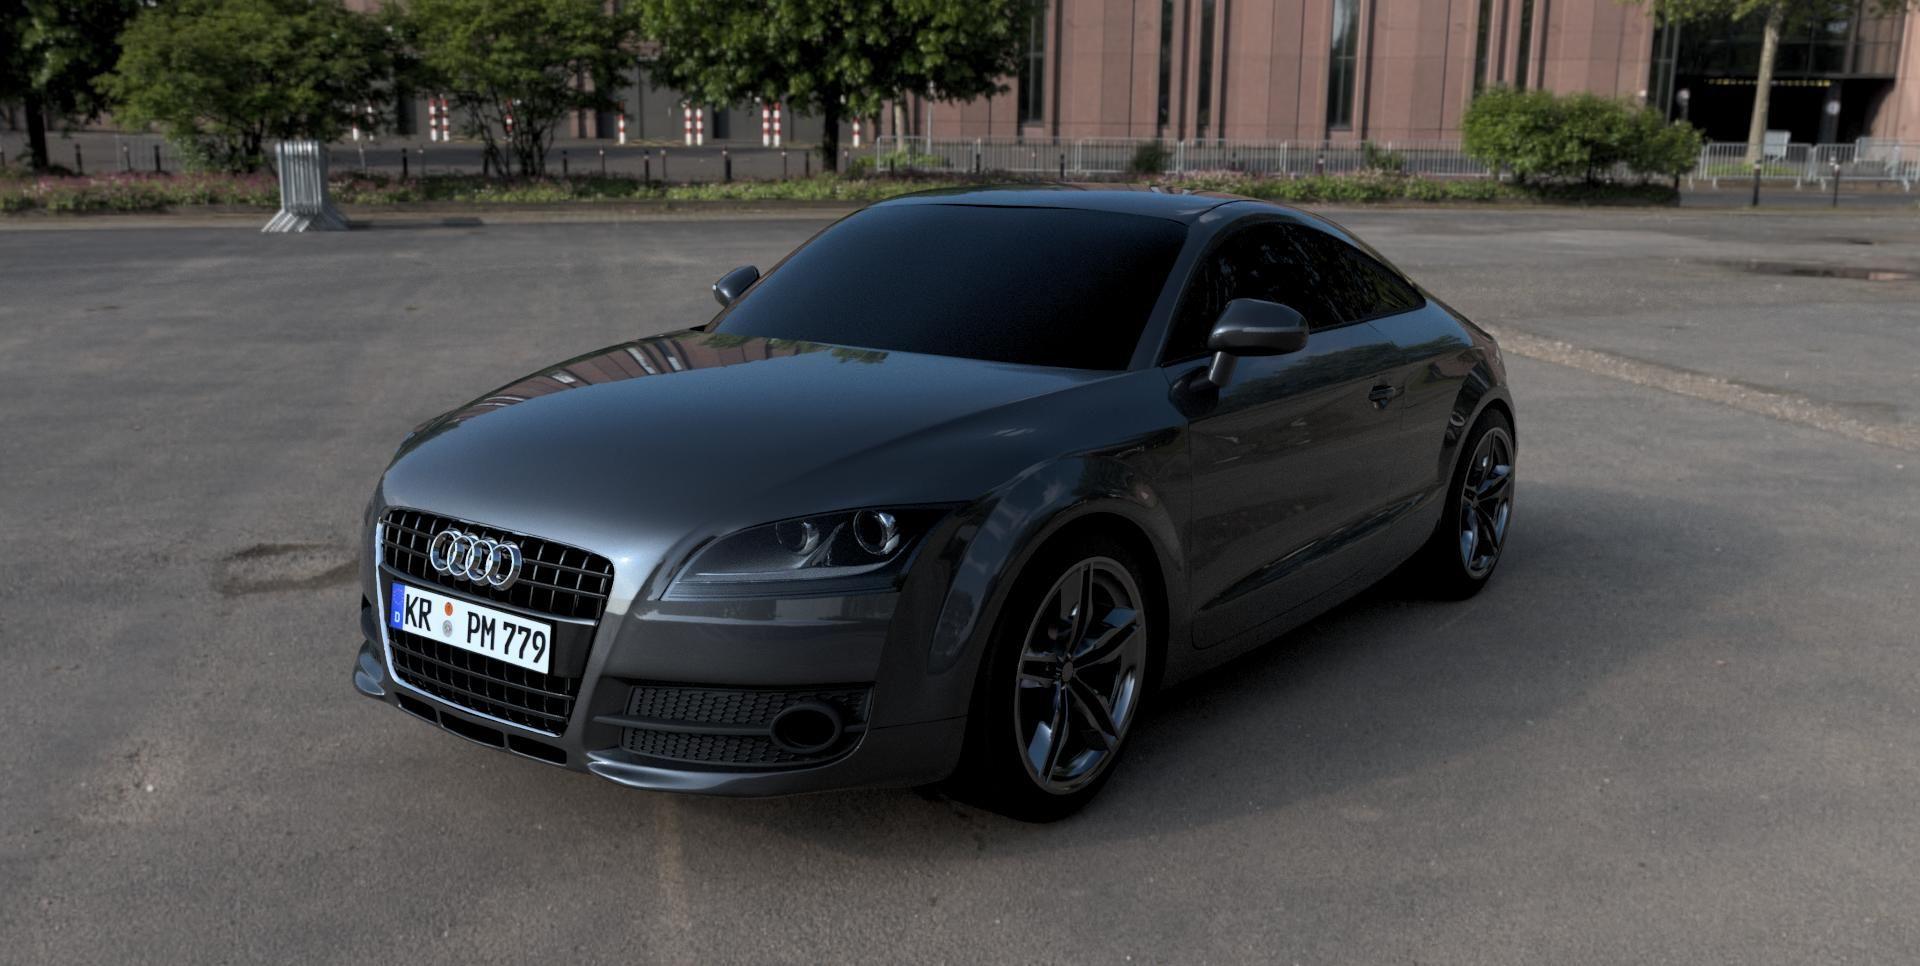 Kelebihan Kekurangan Audi Tt 2008 Spesifikasi